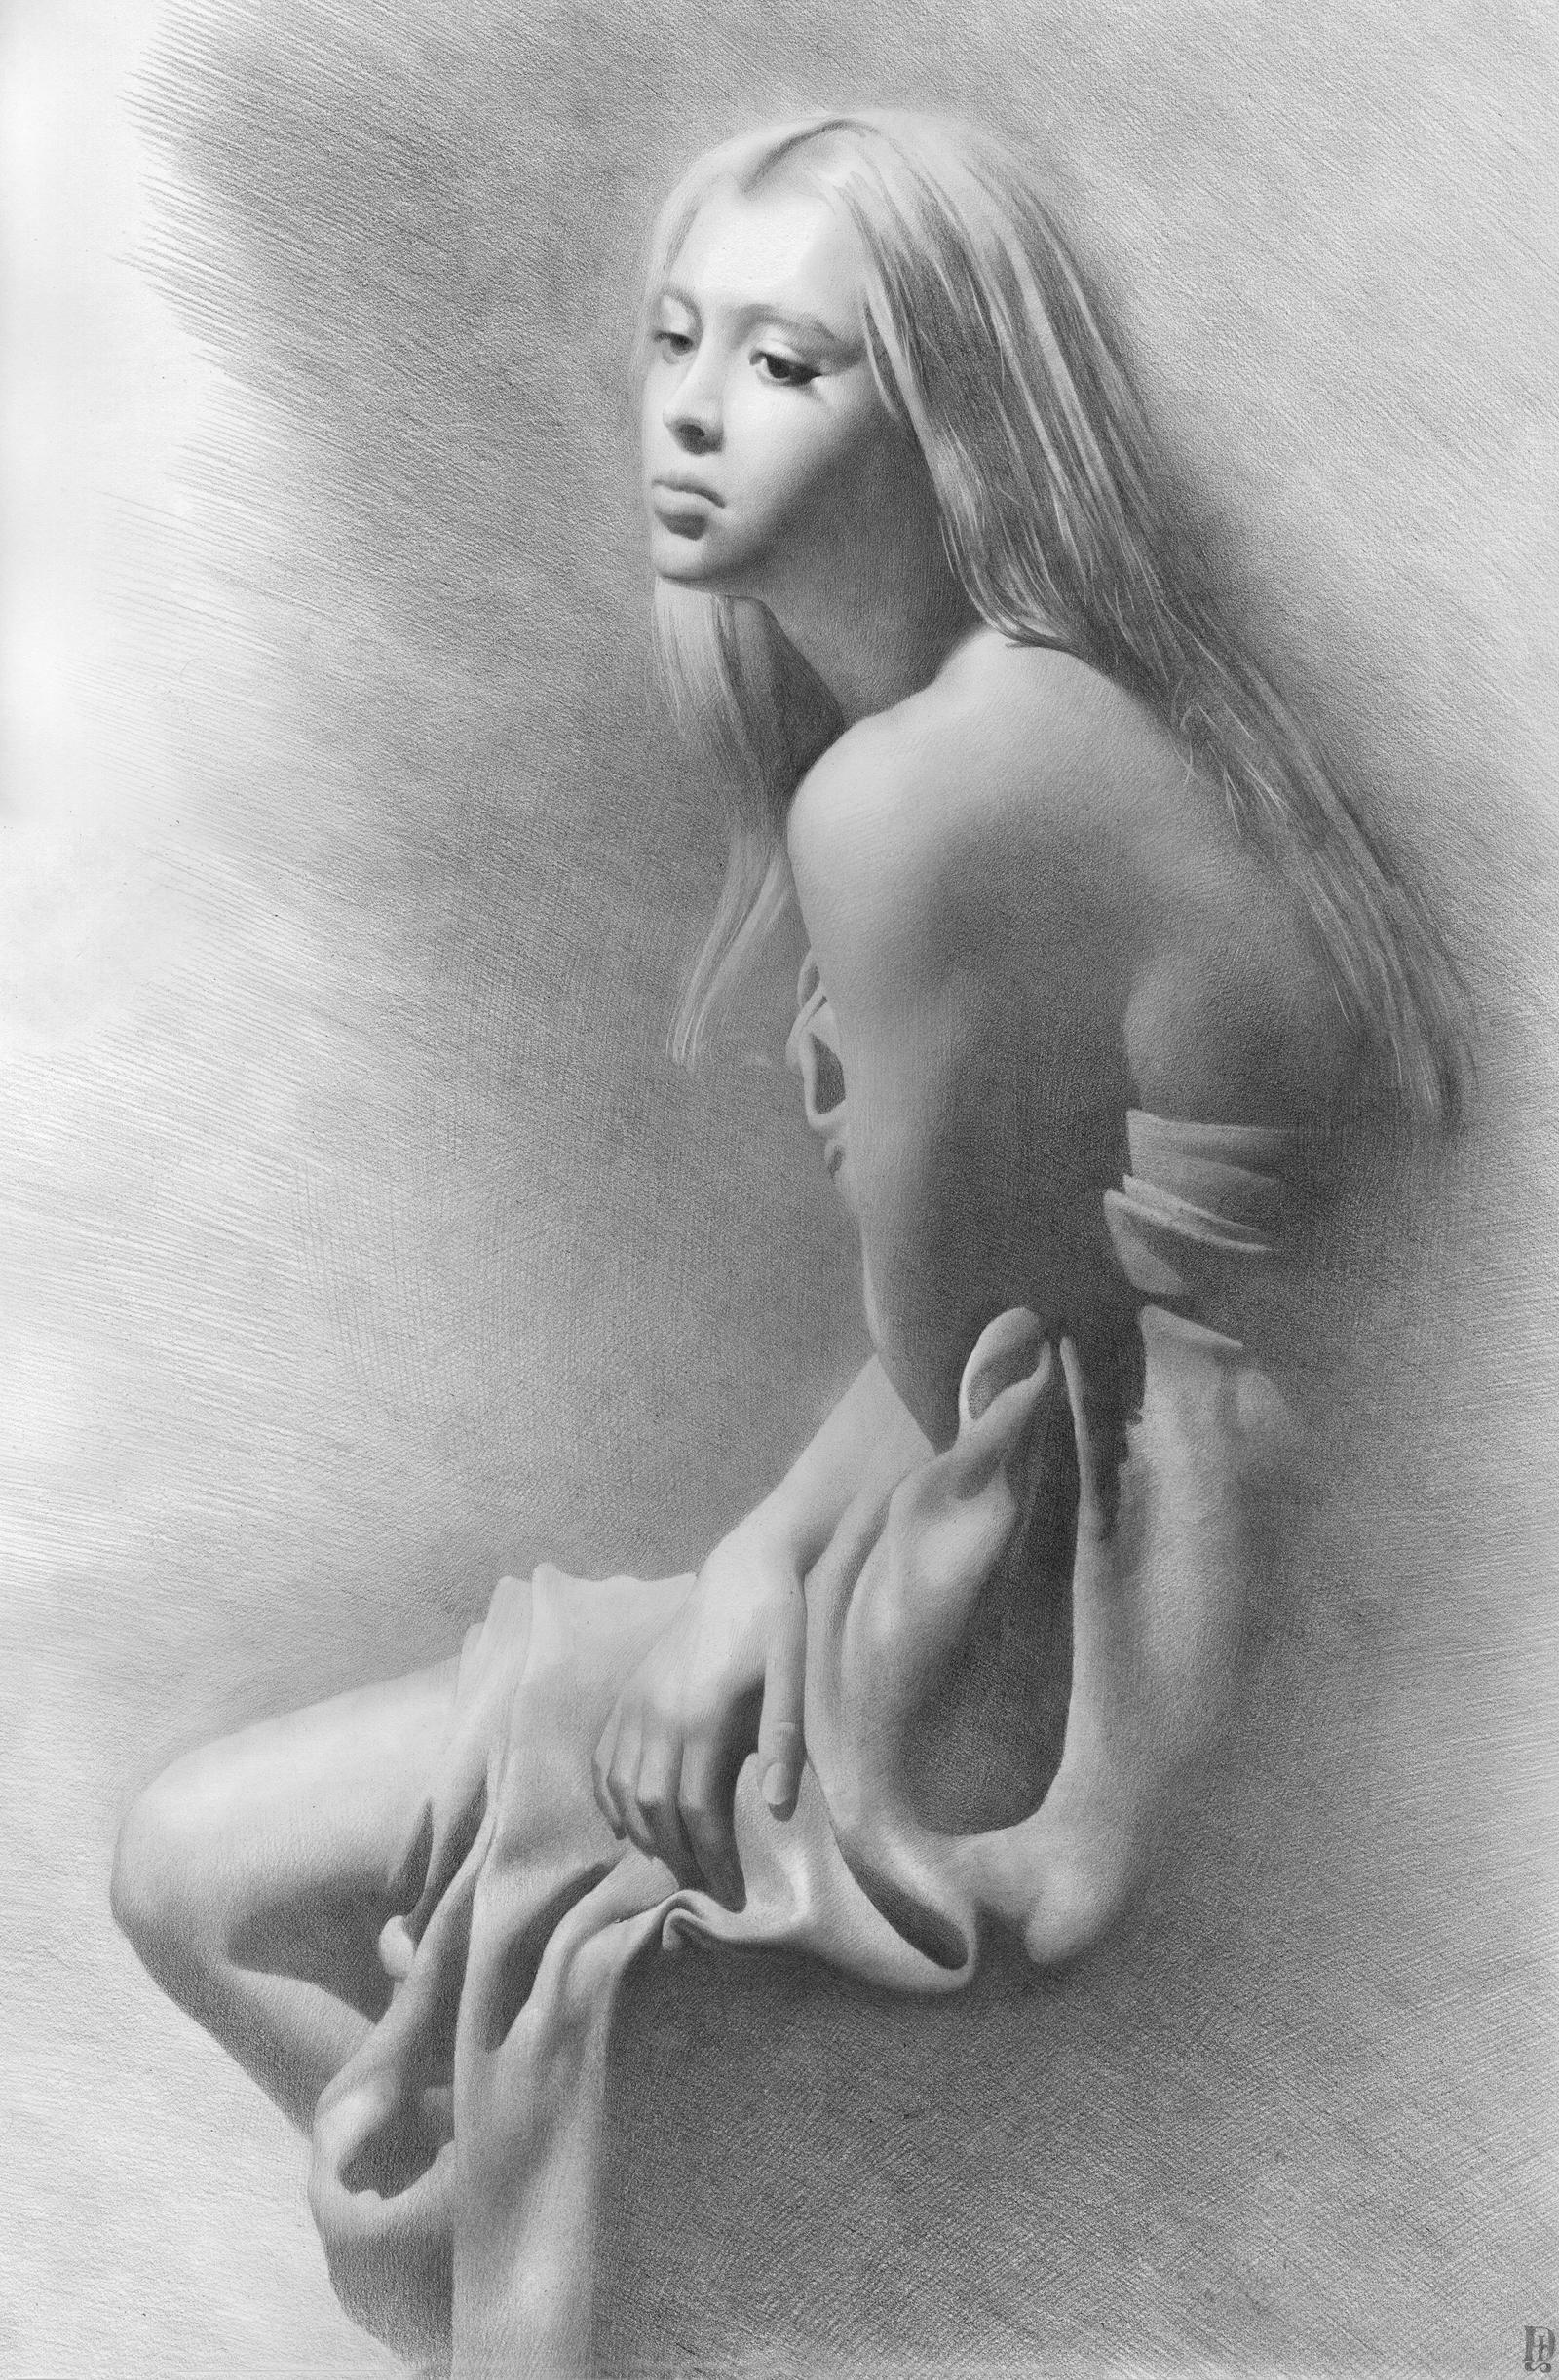 Рисованные девушки голые в карандаше 12 фотография